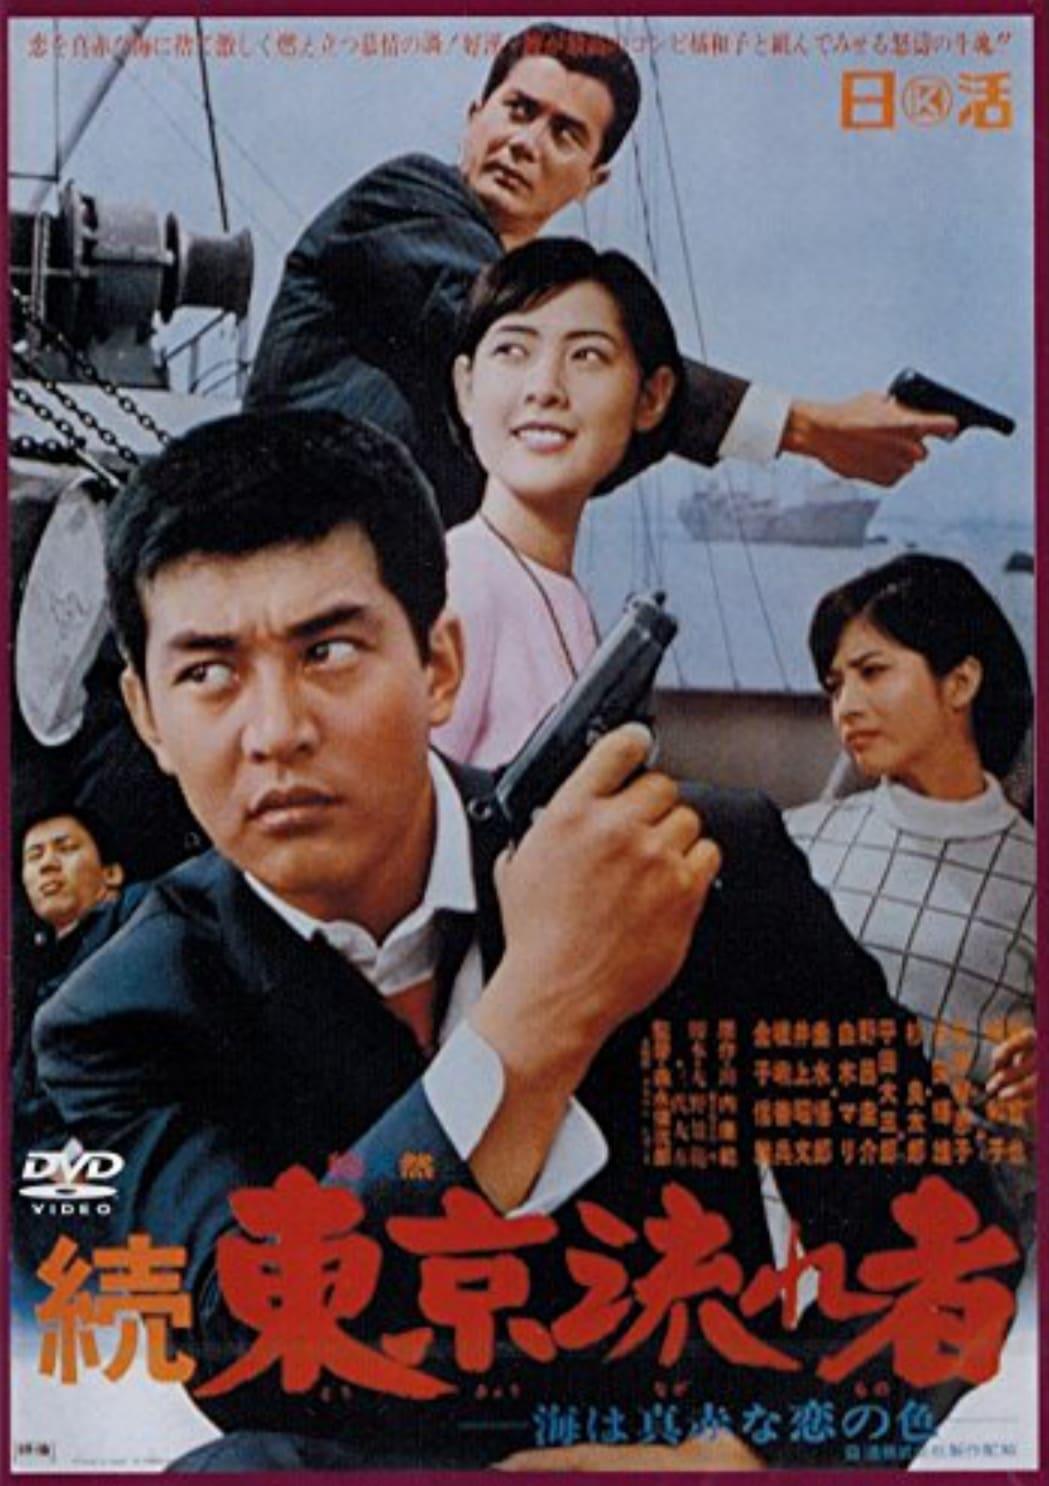 Zoku Tokyo nagaremono - Umi wa makka na koi no iro (1966)